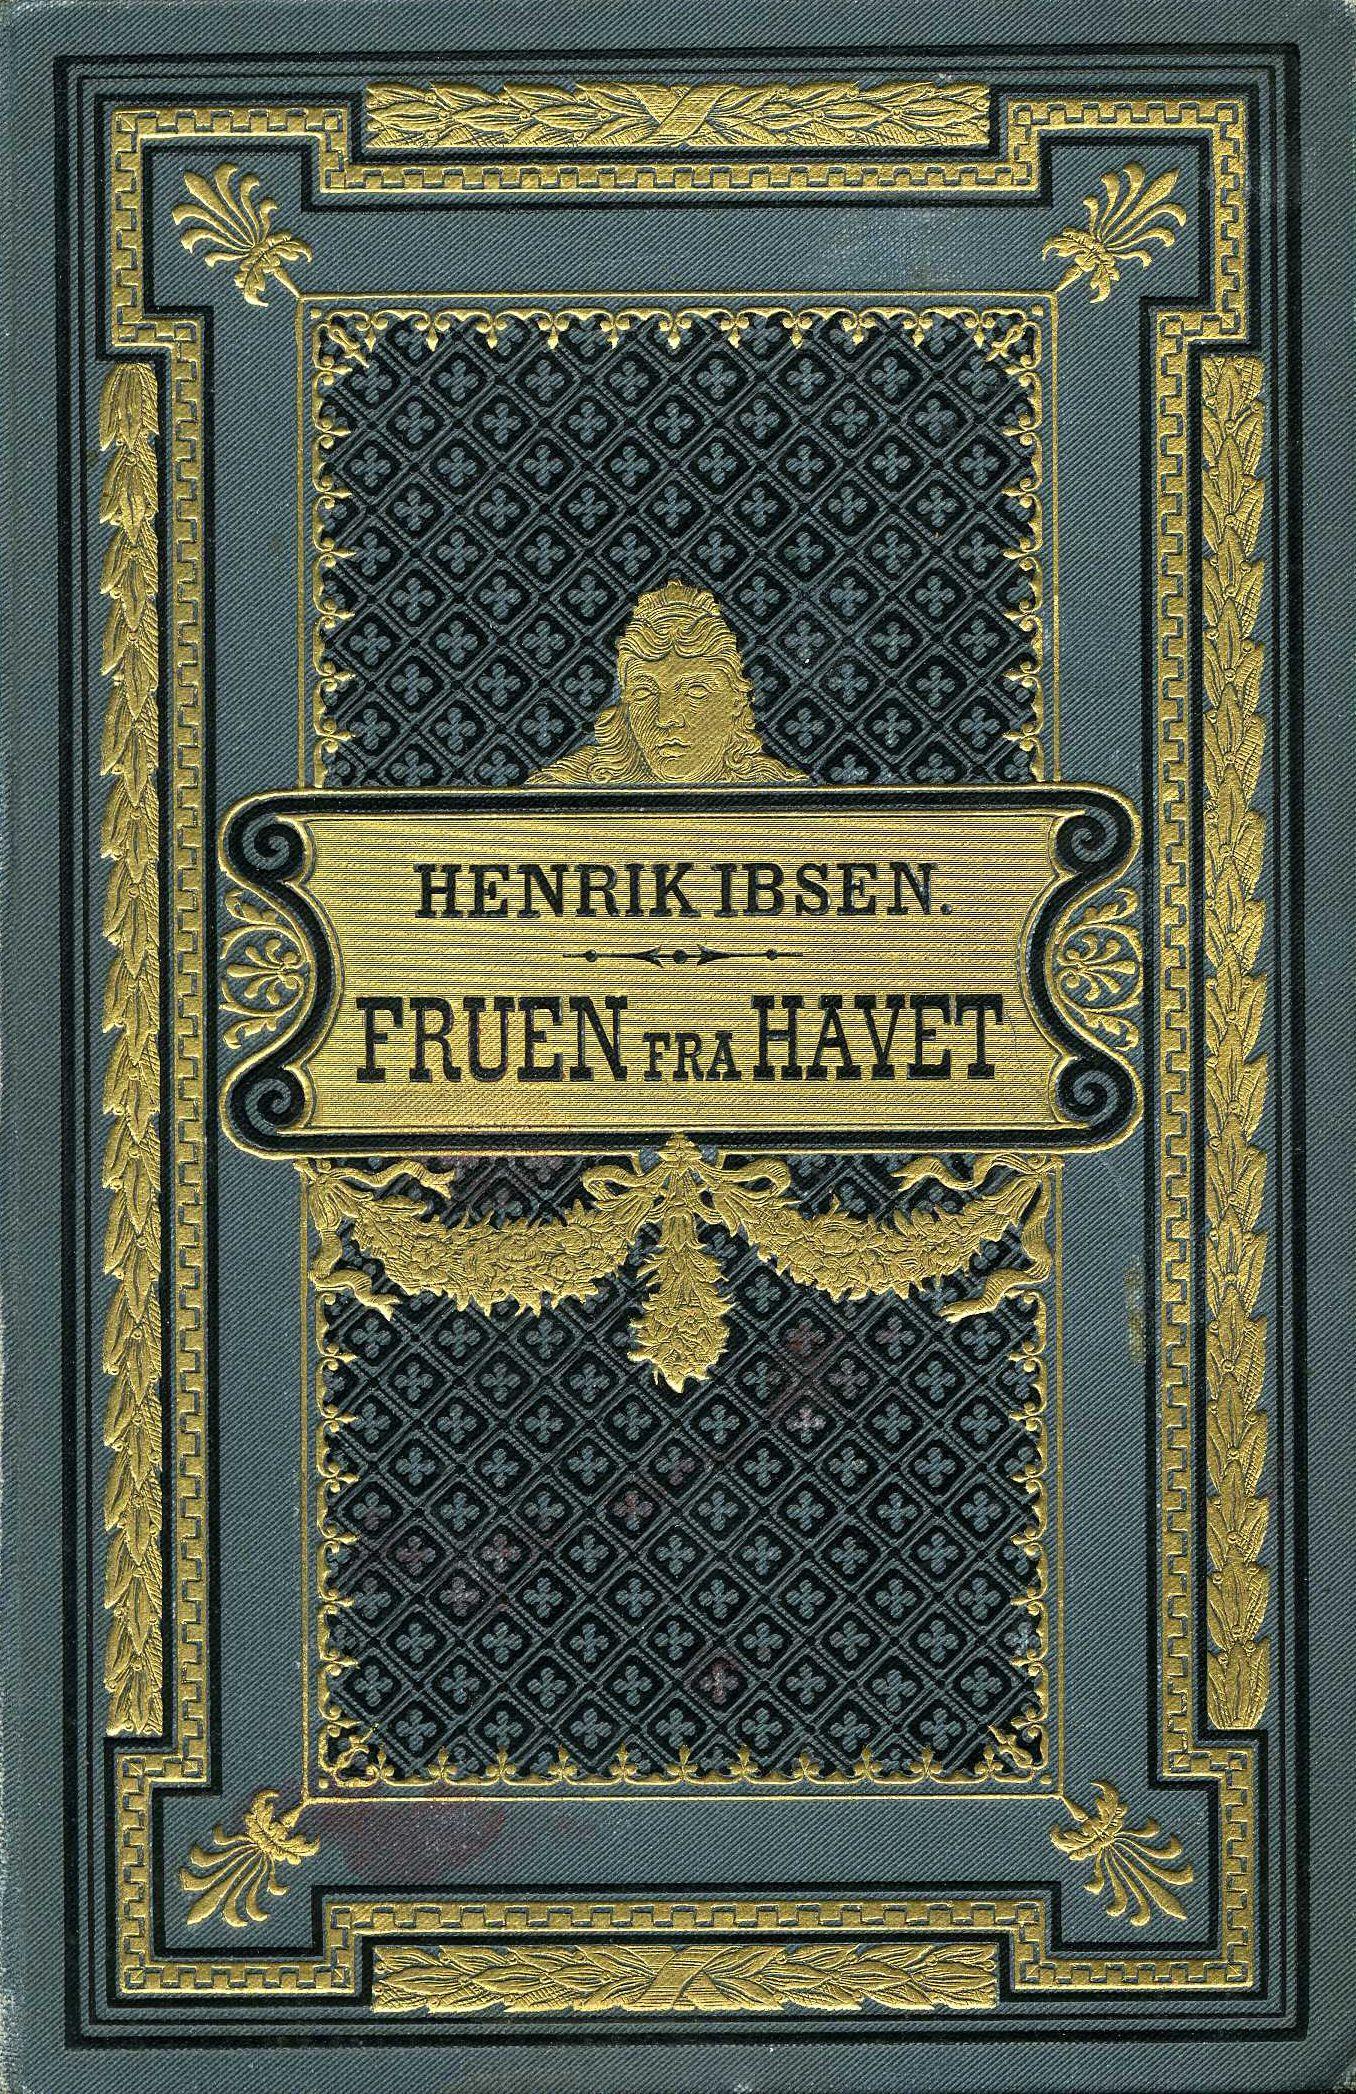 Pin Pa Boekencuriosa Bookish Curiosities Collectibles Bucher Kuriosa Curiosites Des Livres